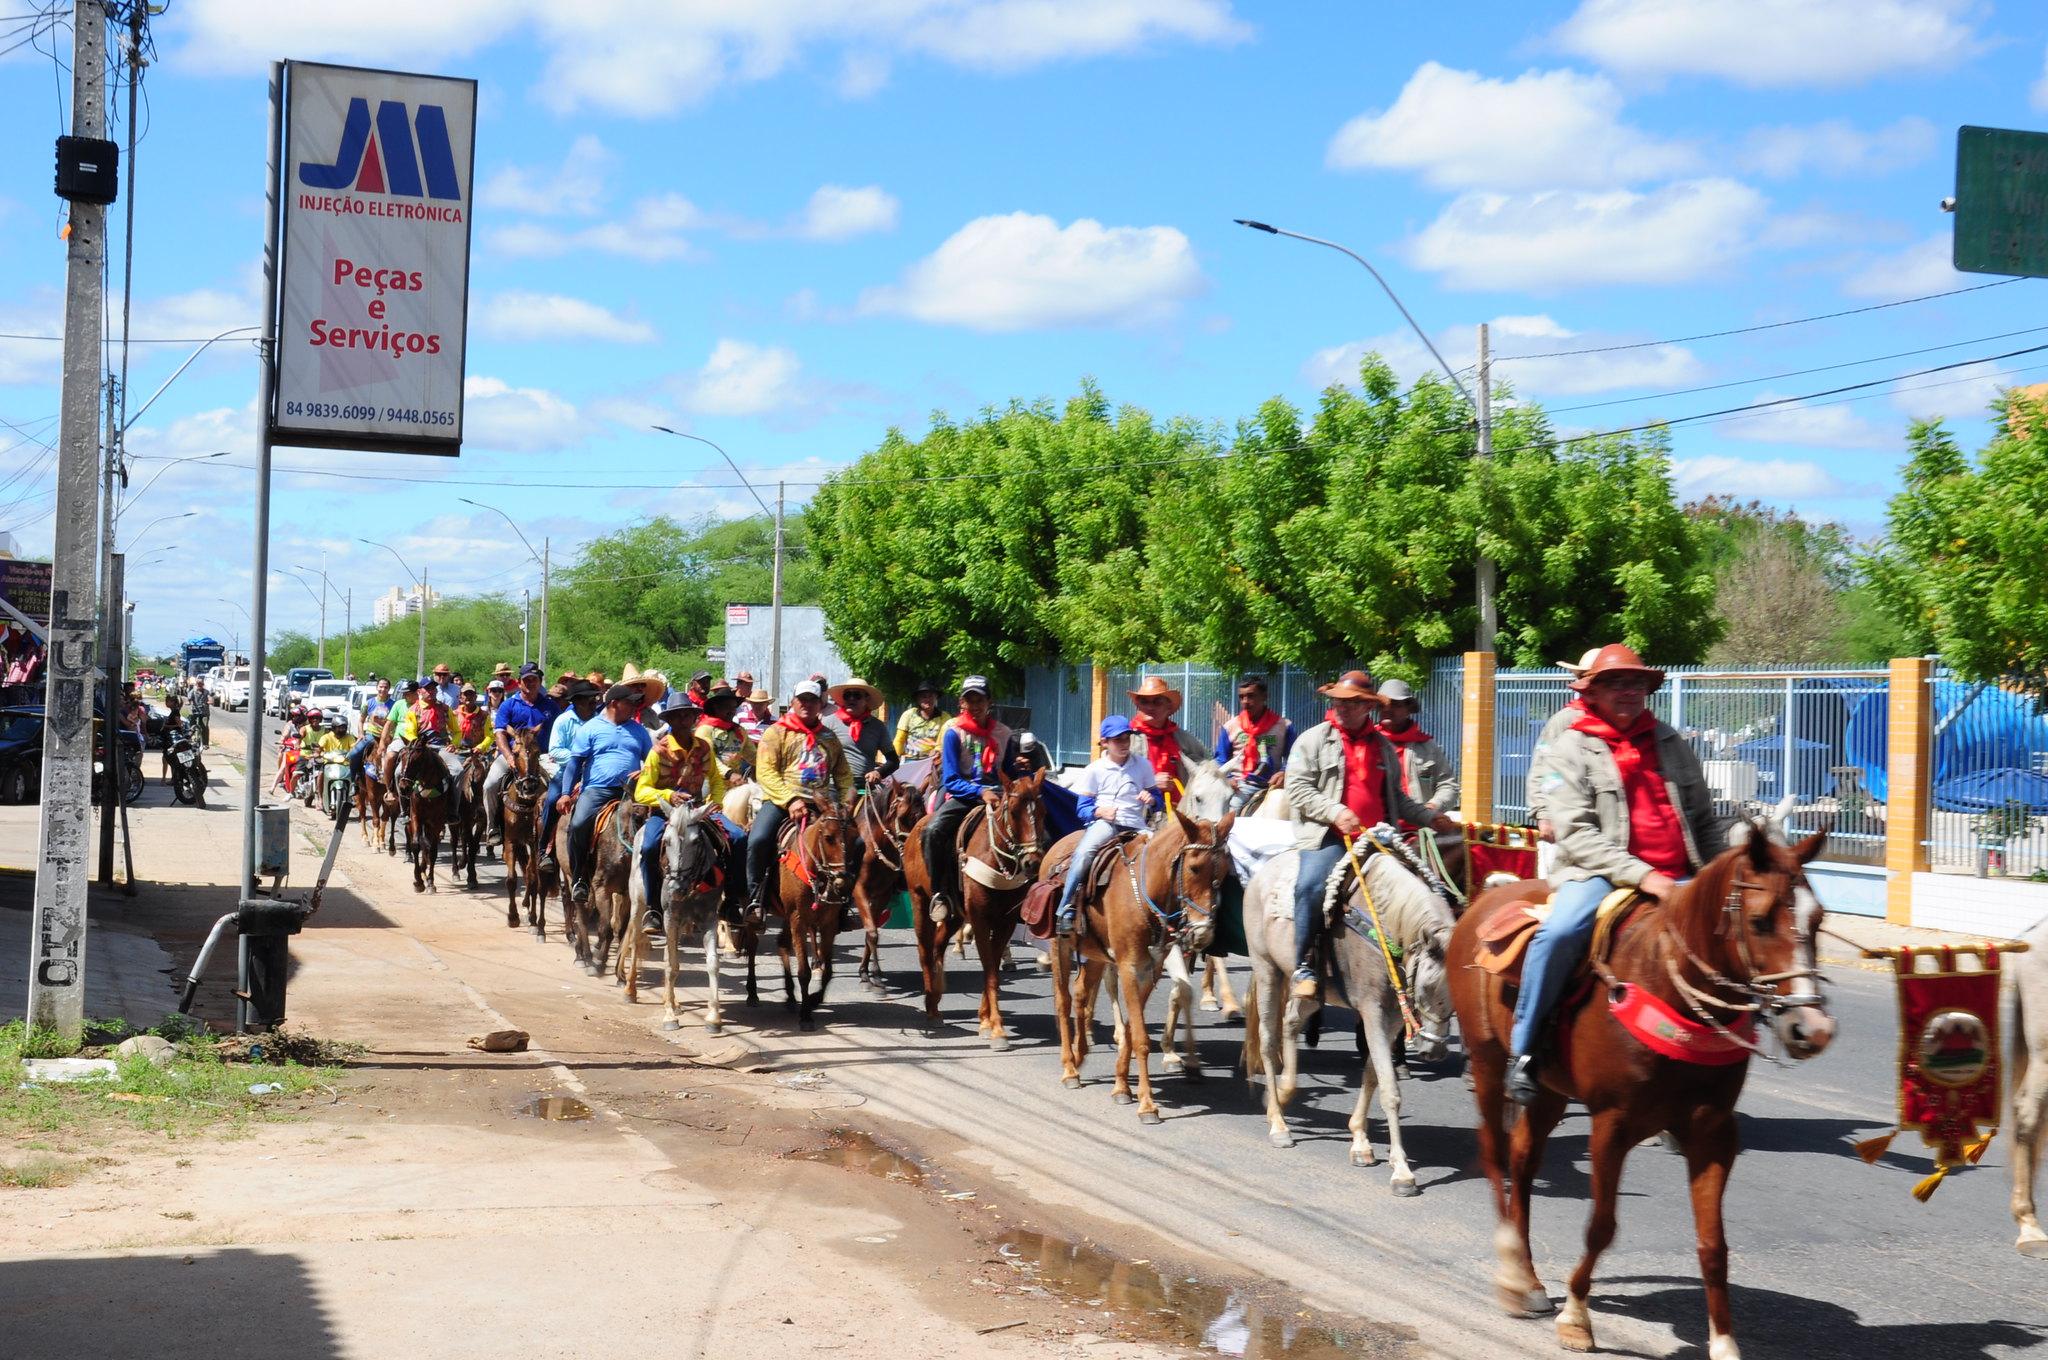 Cavalgada Rota do Trem resgata tradições e percorre 130 quilômetros